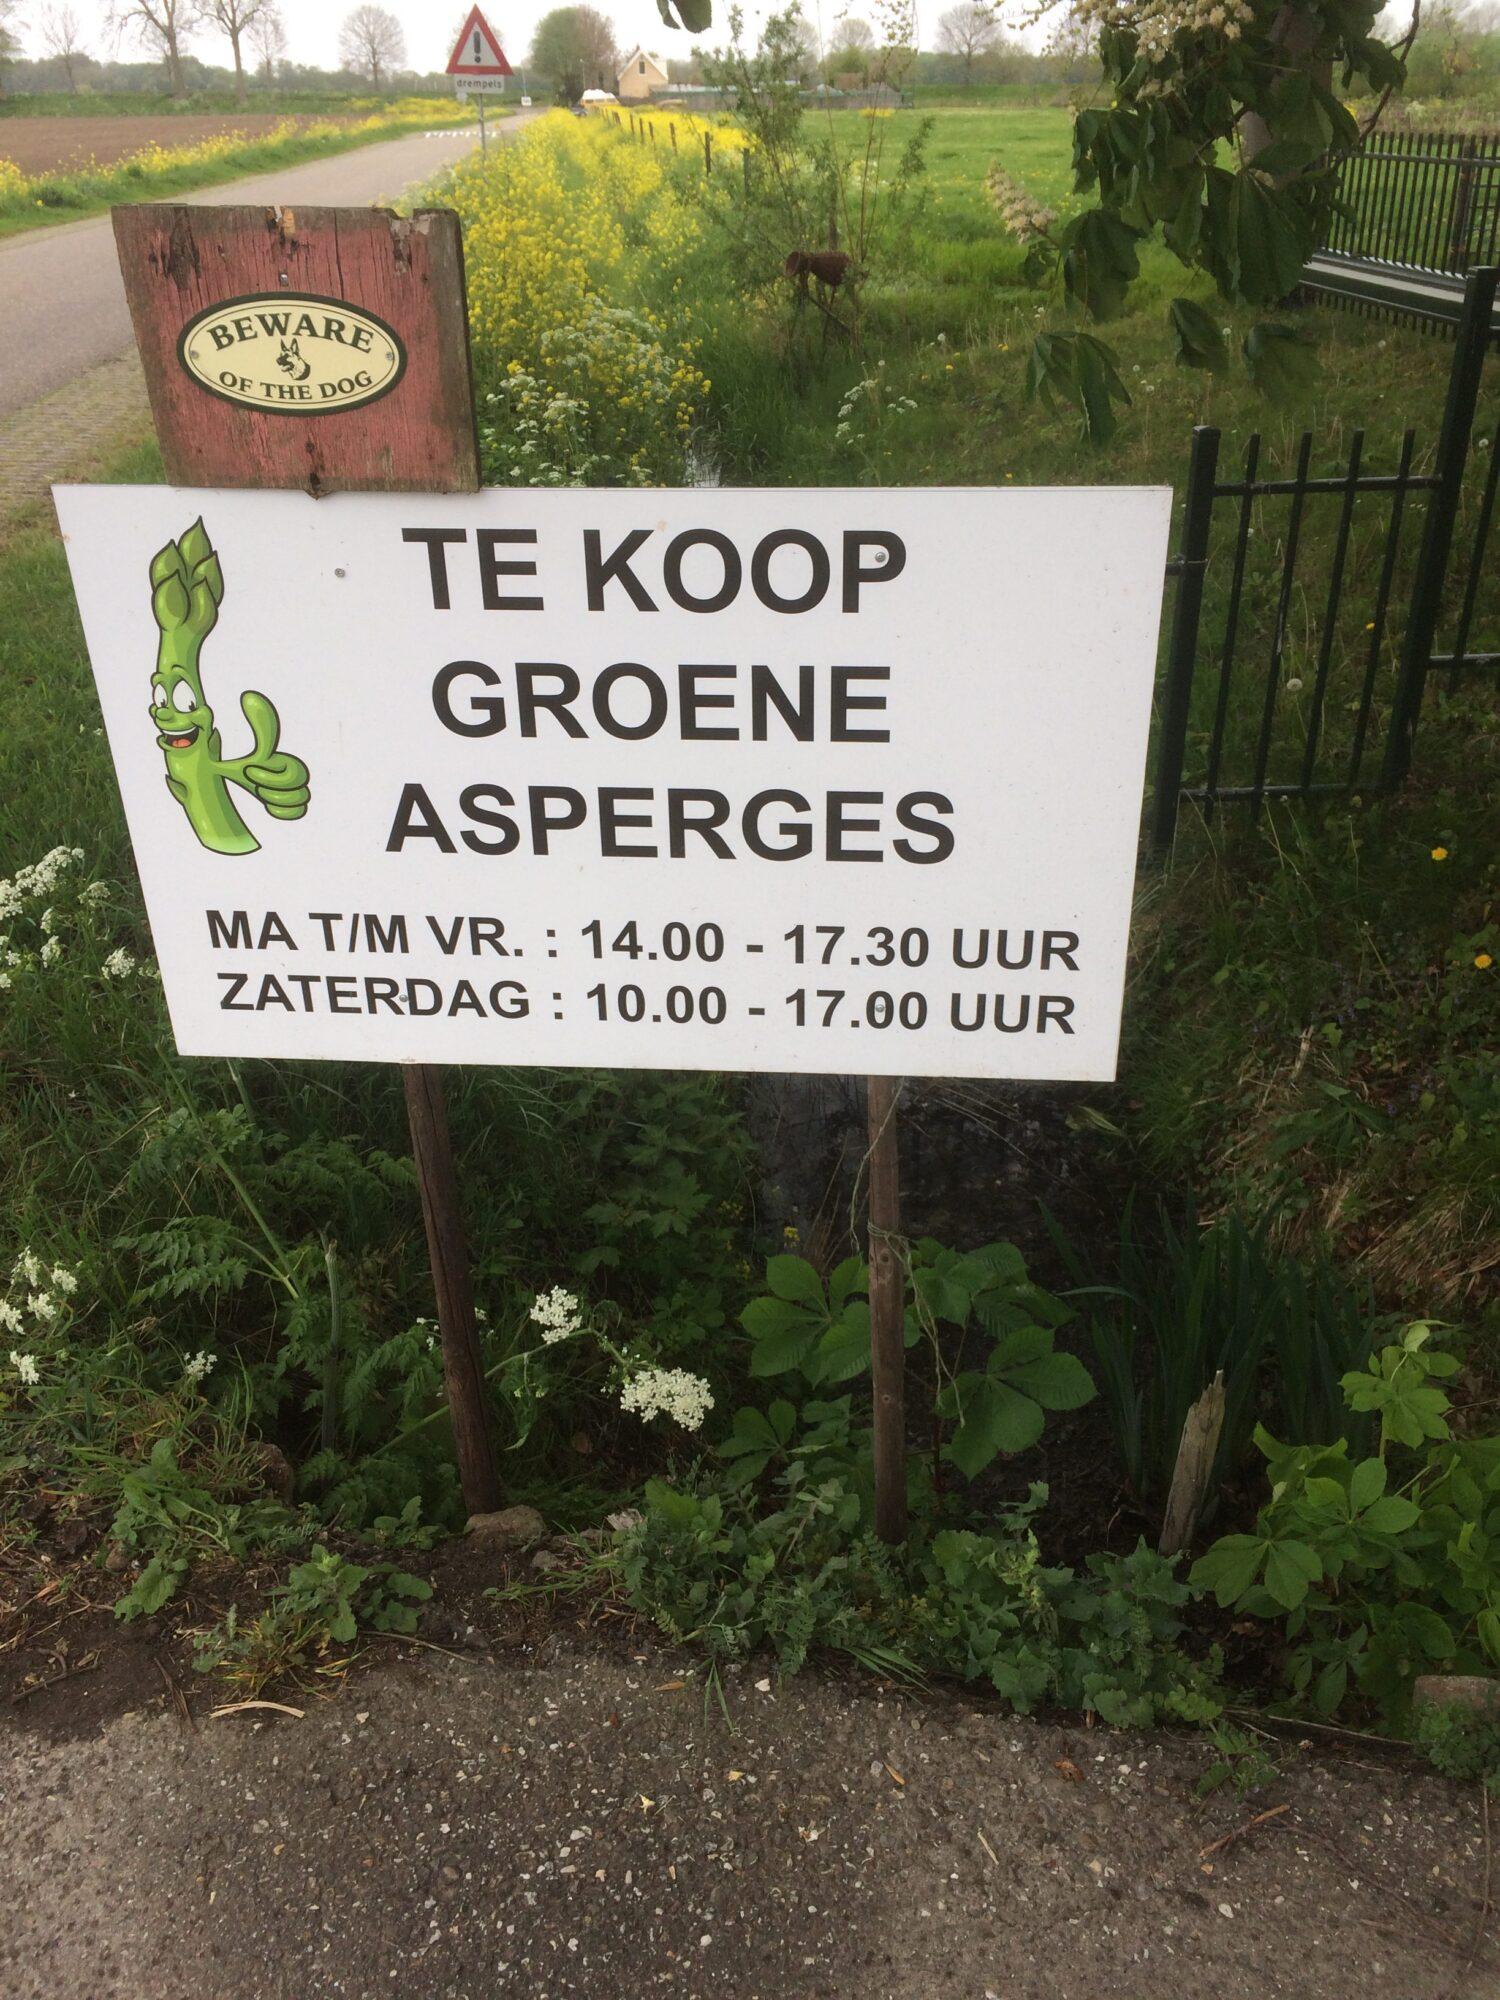 Verkoop asperges